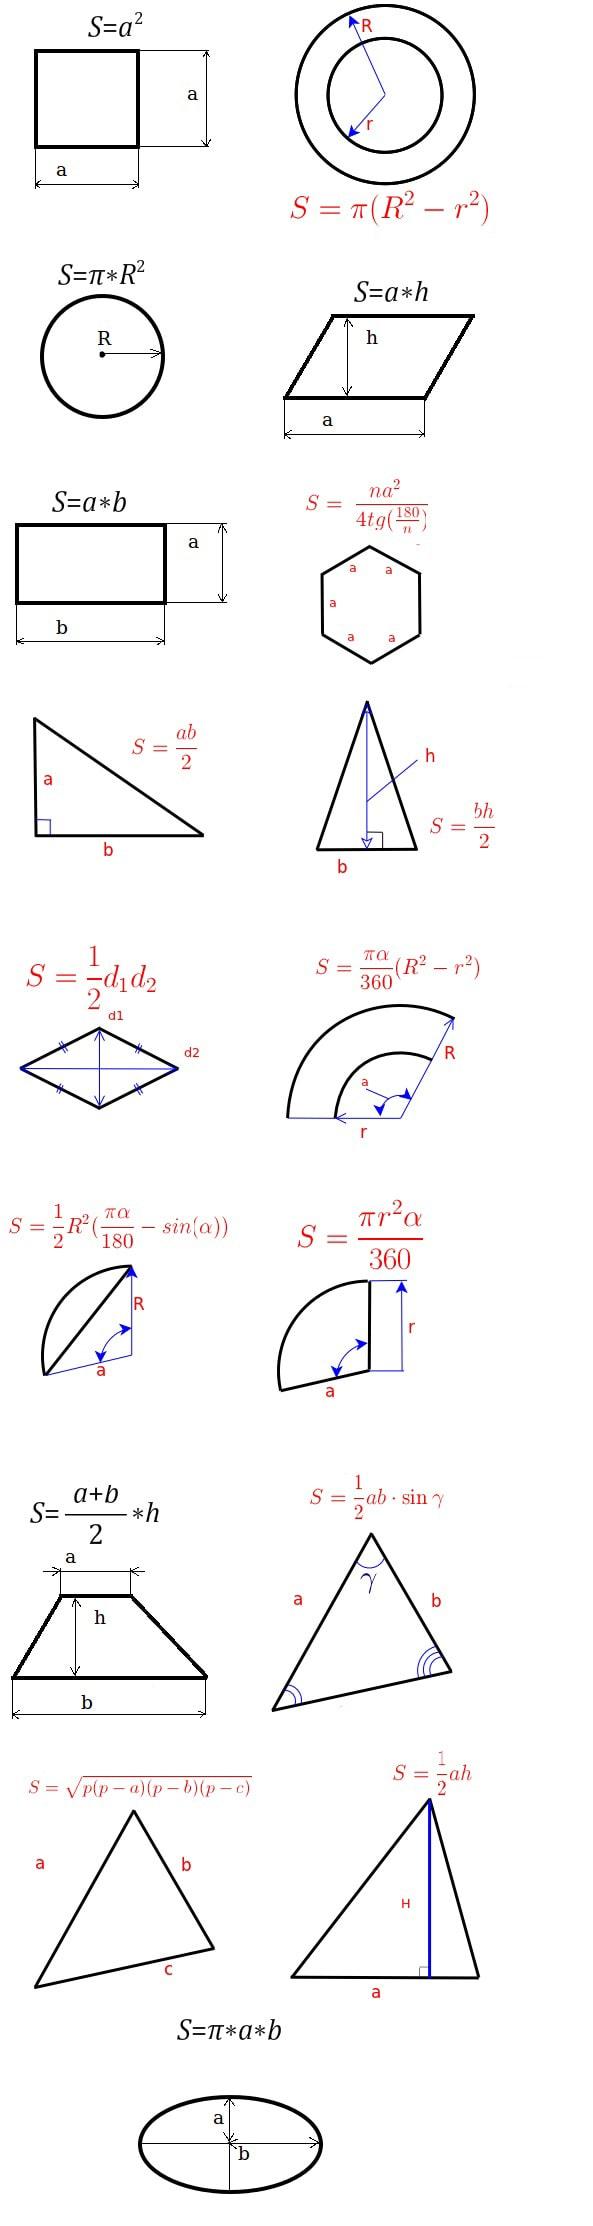 ploto formules